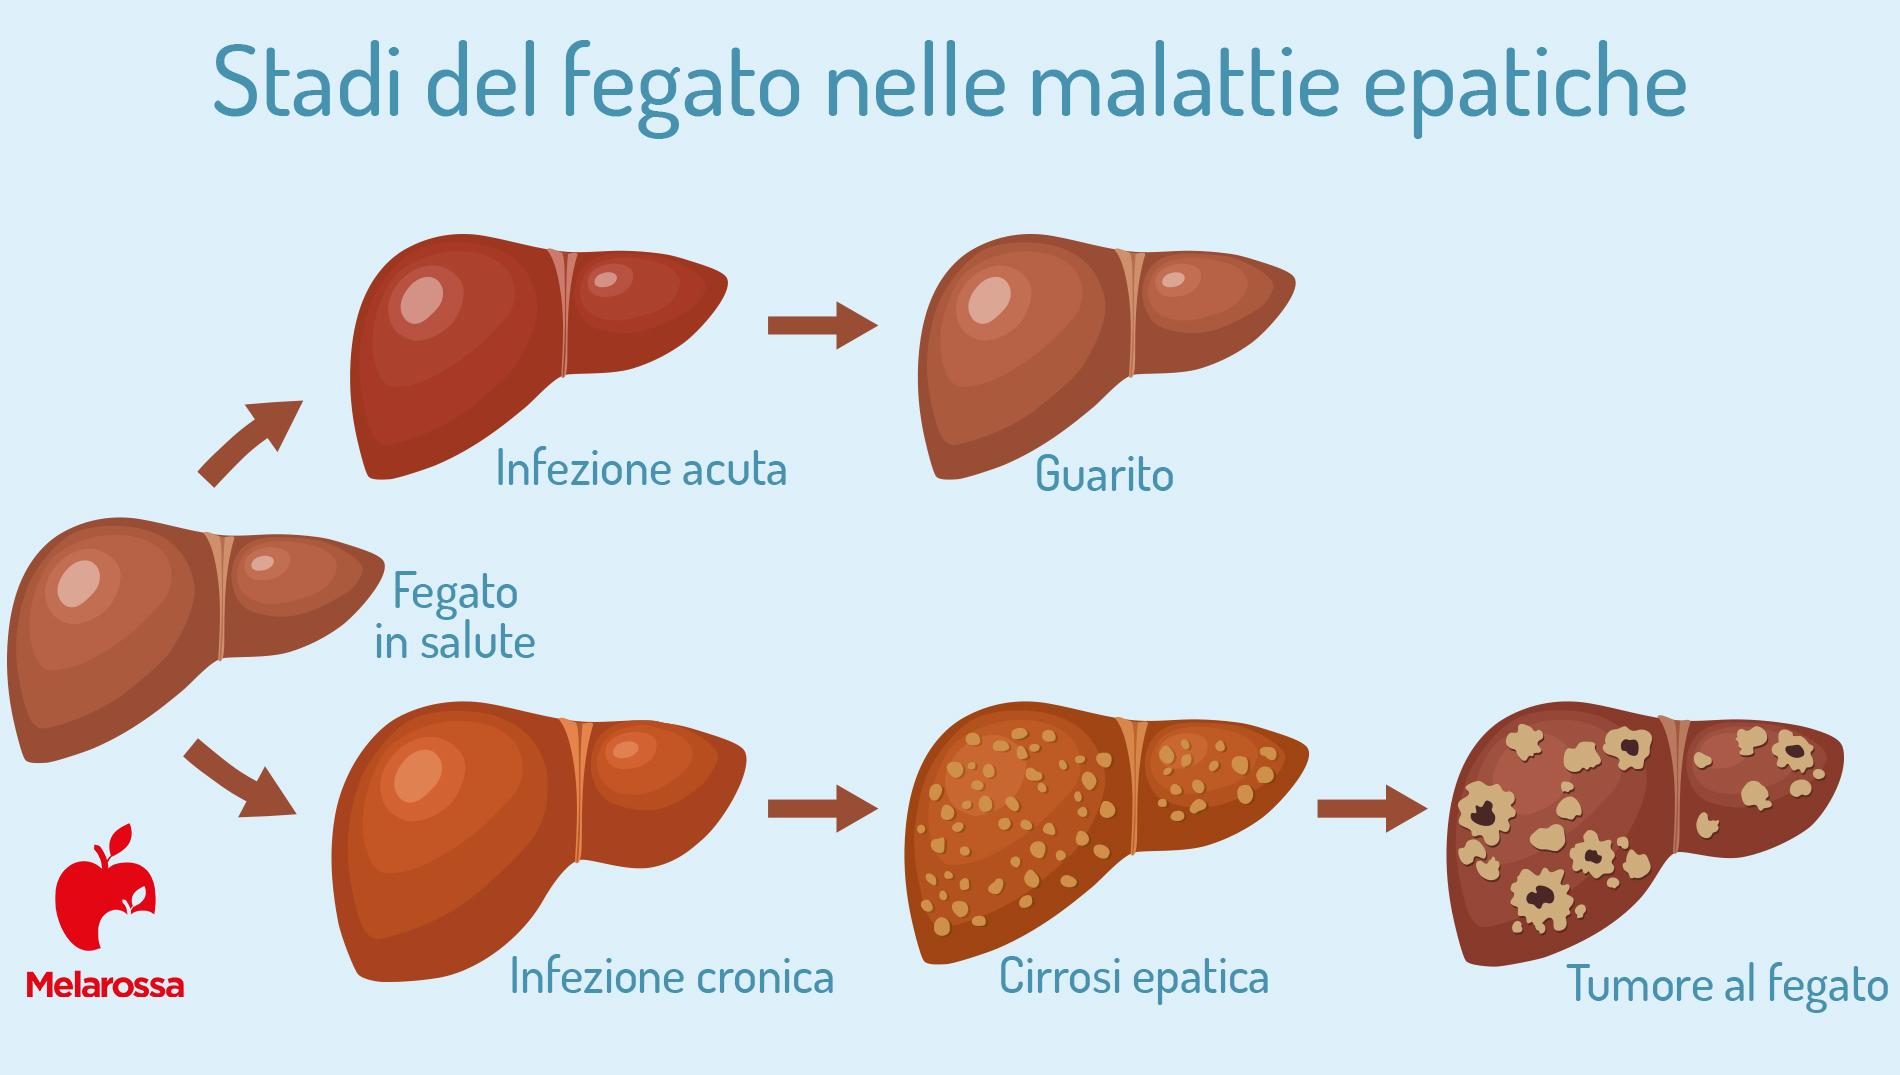 epatite C: fegato